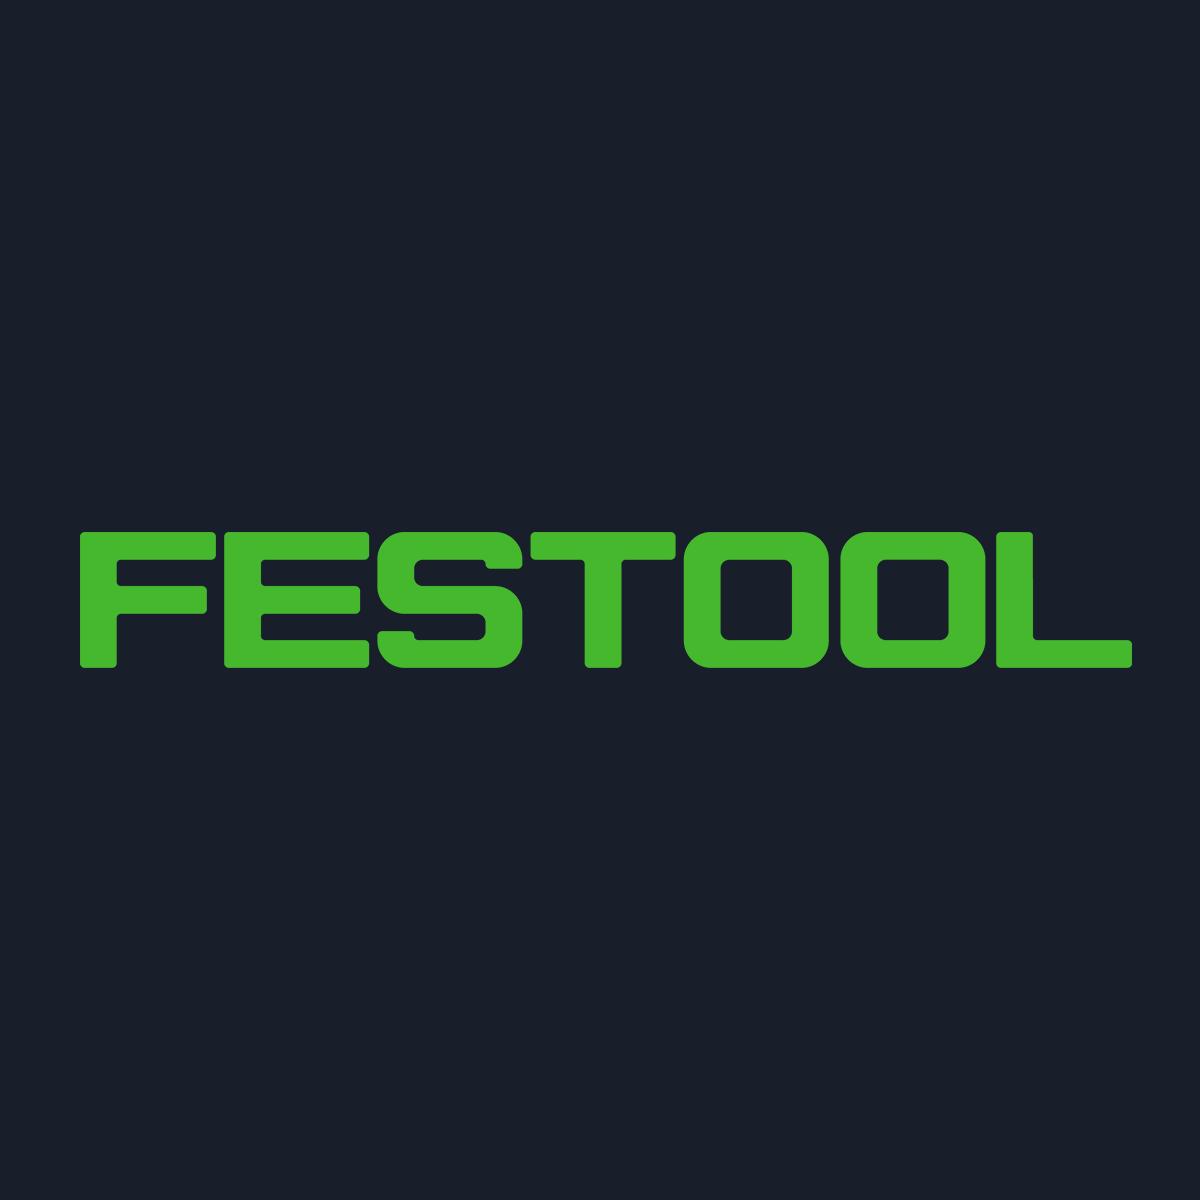 Festool LT UAB